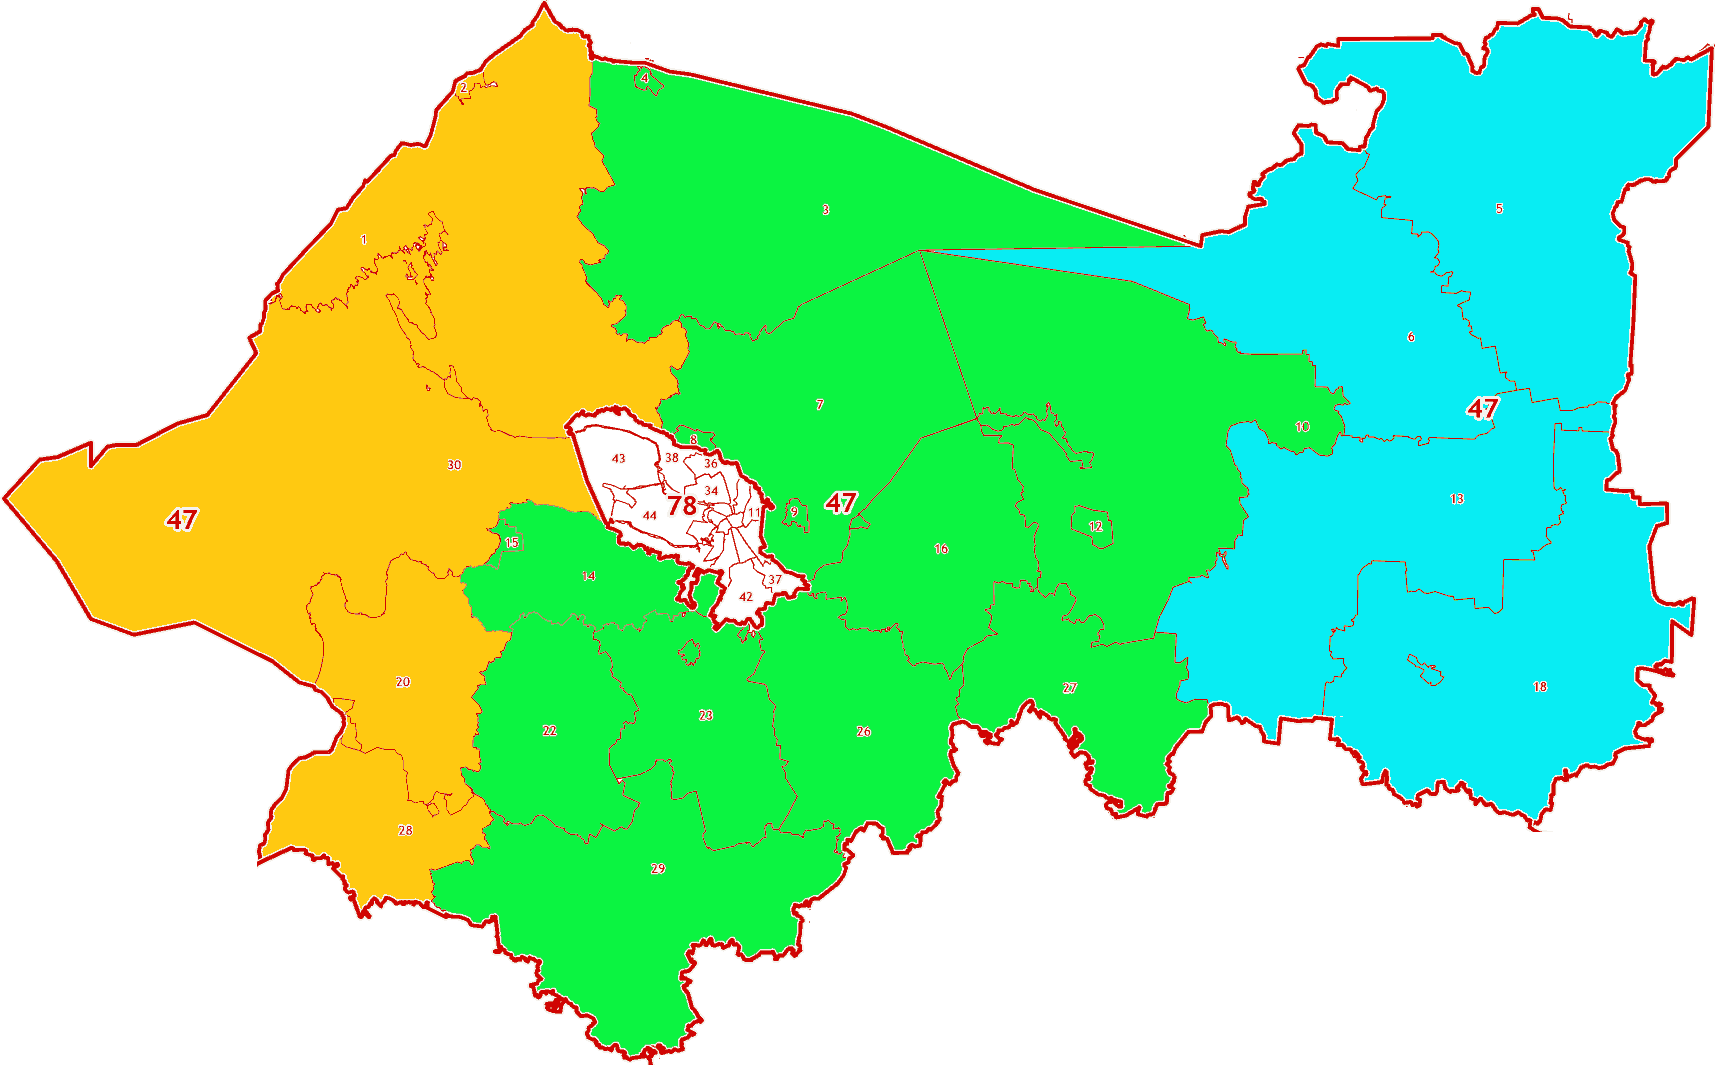 Зоны МСК-47 на территорию Ленинградской области